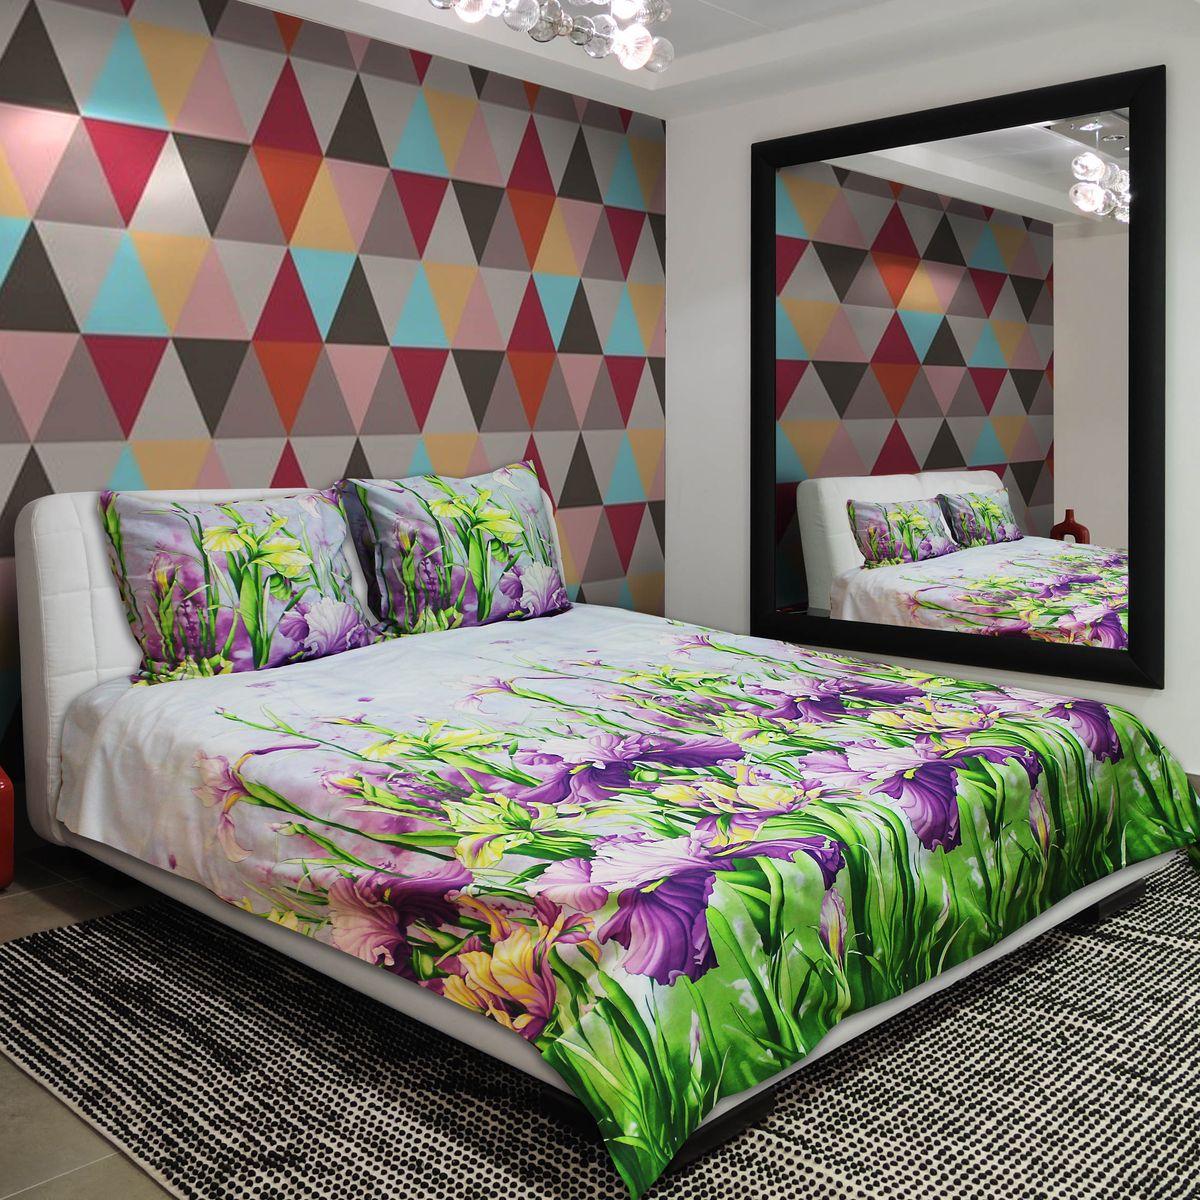 Комплект белья Amore Mio Bright, 2-спальный, наволочки 70х7077715Постельное белье из бязи практично и долговечно, а самое главное - это 100% хлопок! Материал великолепно отводит влагу, отлично пропускает воздух, не капризен в уходе, легко стирается и гладится. Новая коллекция Naturel 3-D дизайнов позволит выбрать постельное белье на любой вкус!